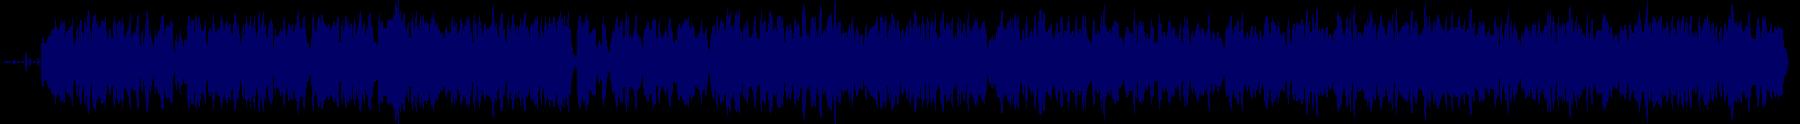 waveform of track #81392